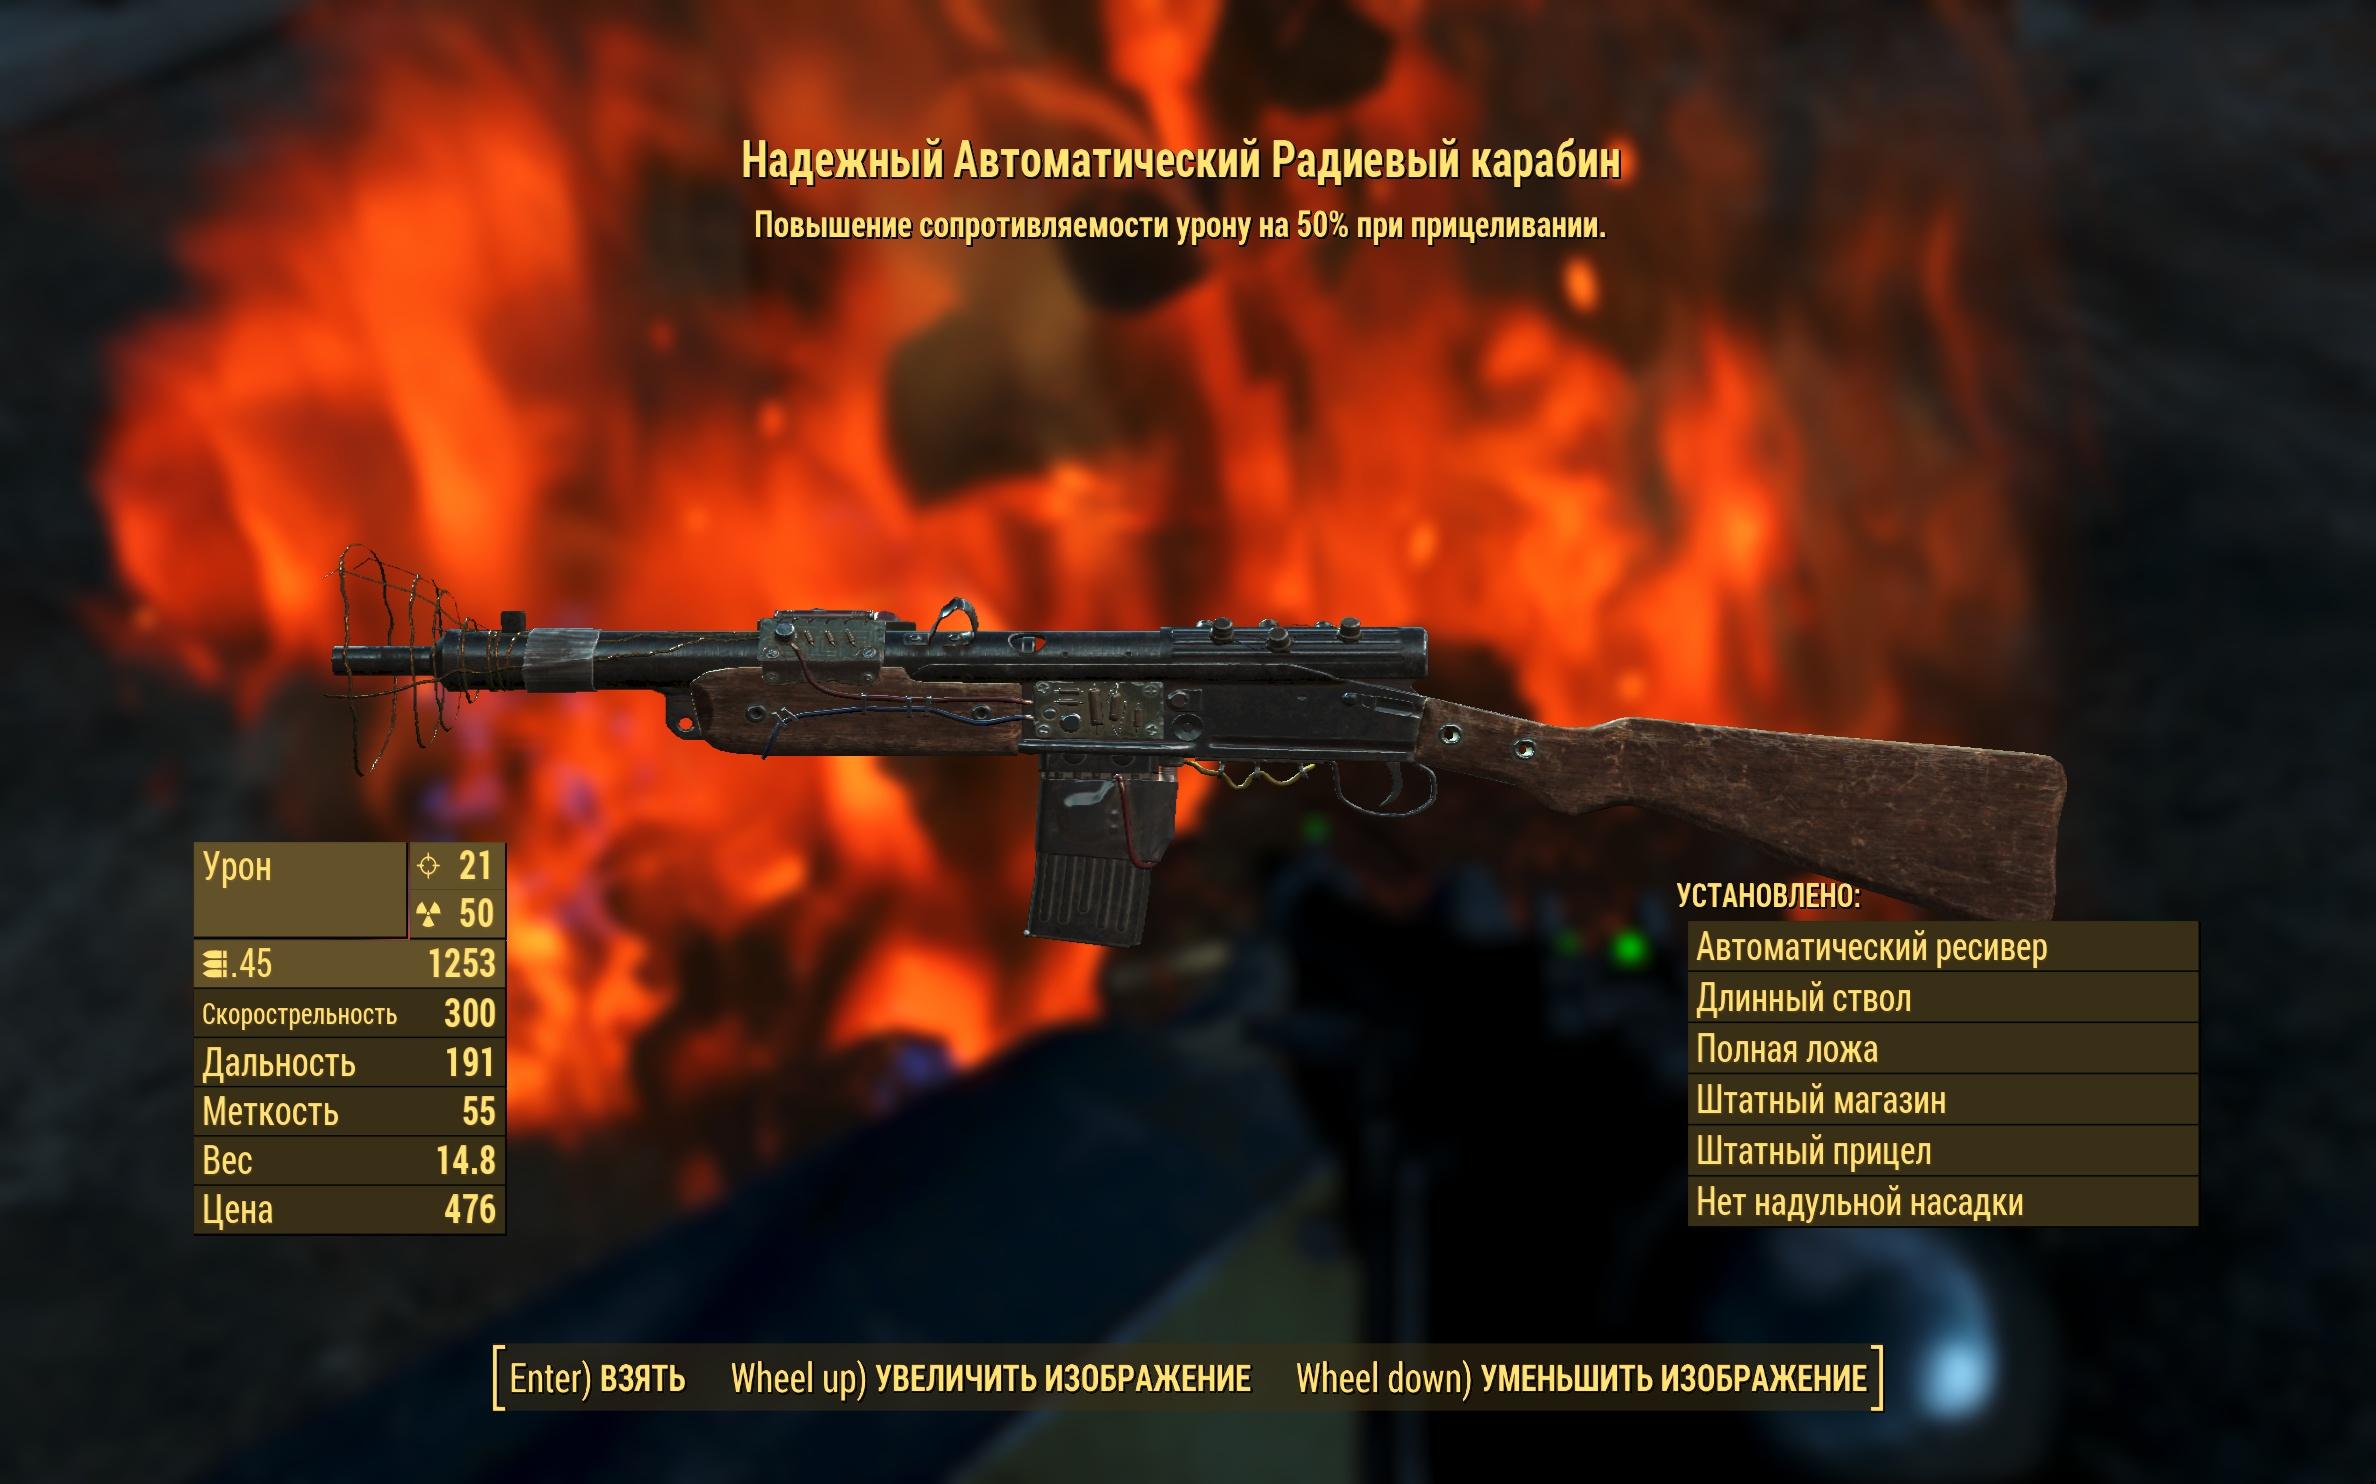 карабин - Fallout 4 автоматический, Надёжный, Оружие, радиевый